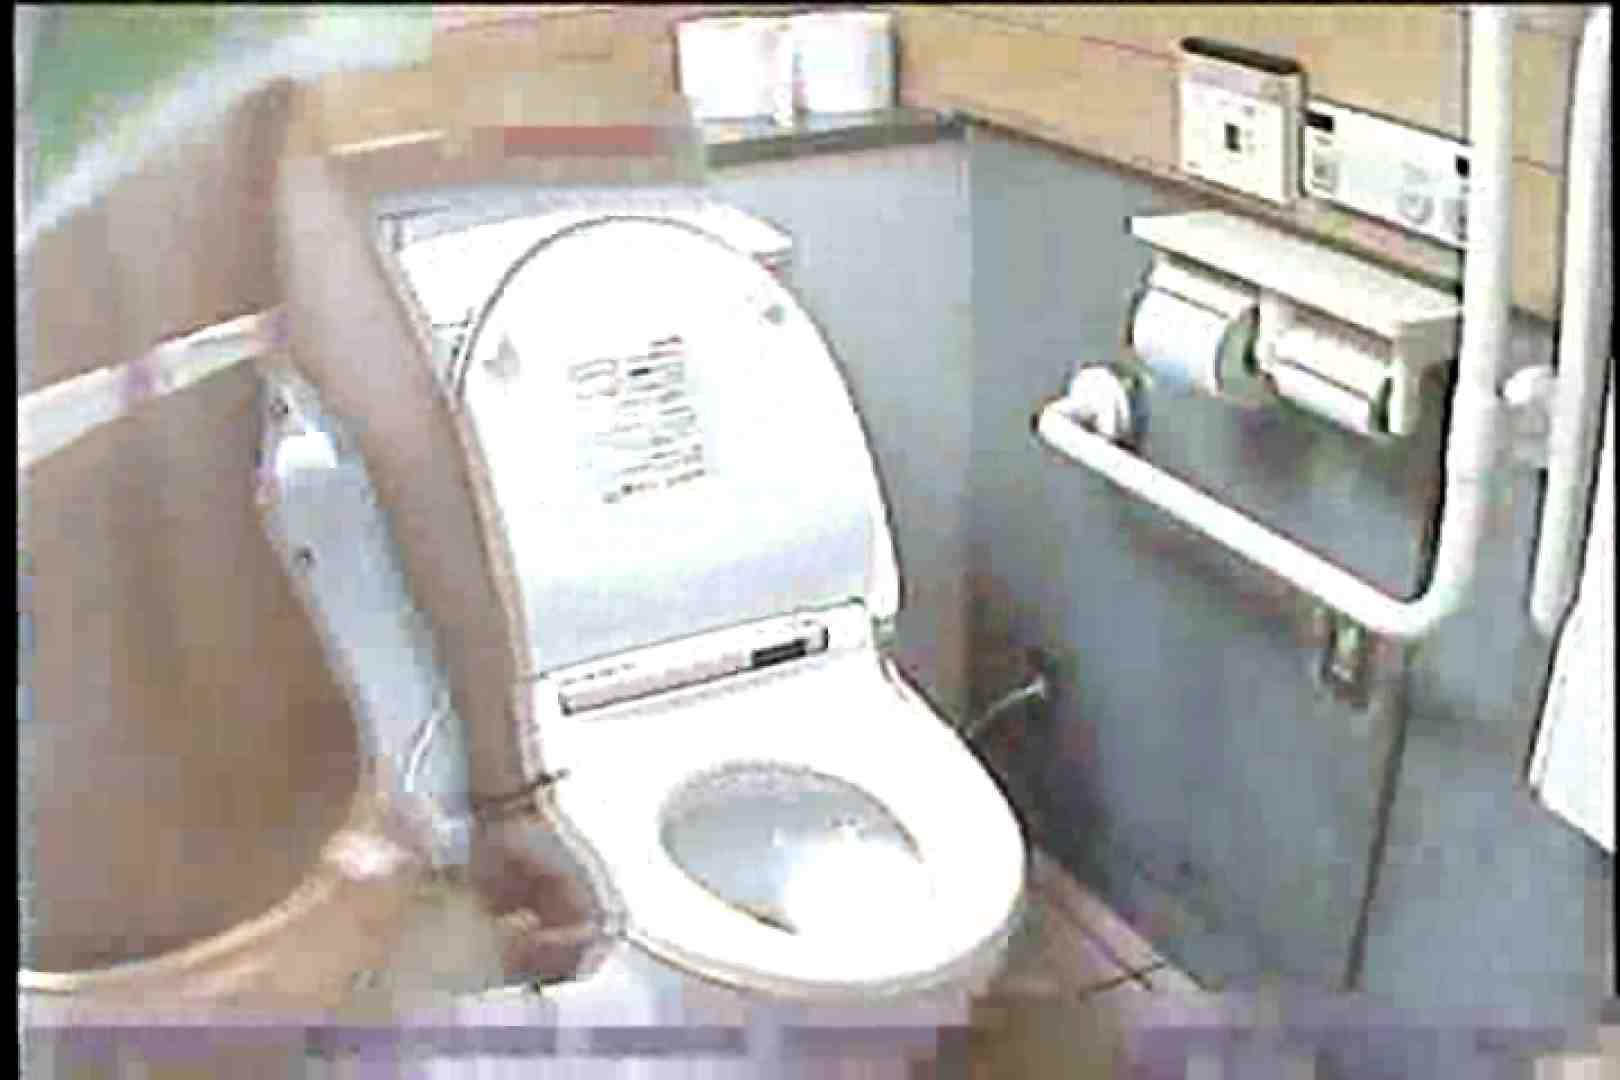 2点盗撮洗面所潜入レポートVol.7 洋式固定カメラ編 盗撮 | 潜入  63pic 61